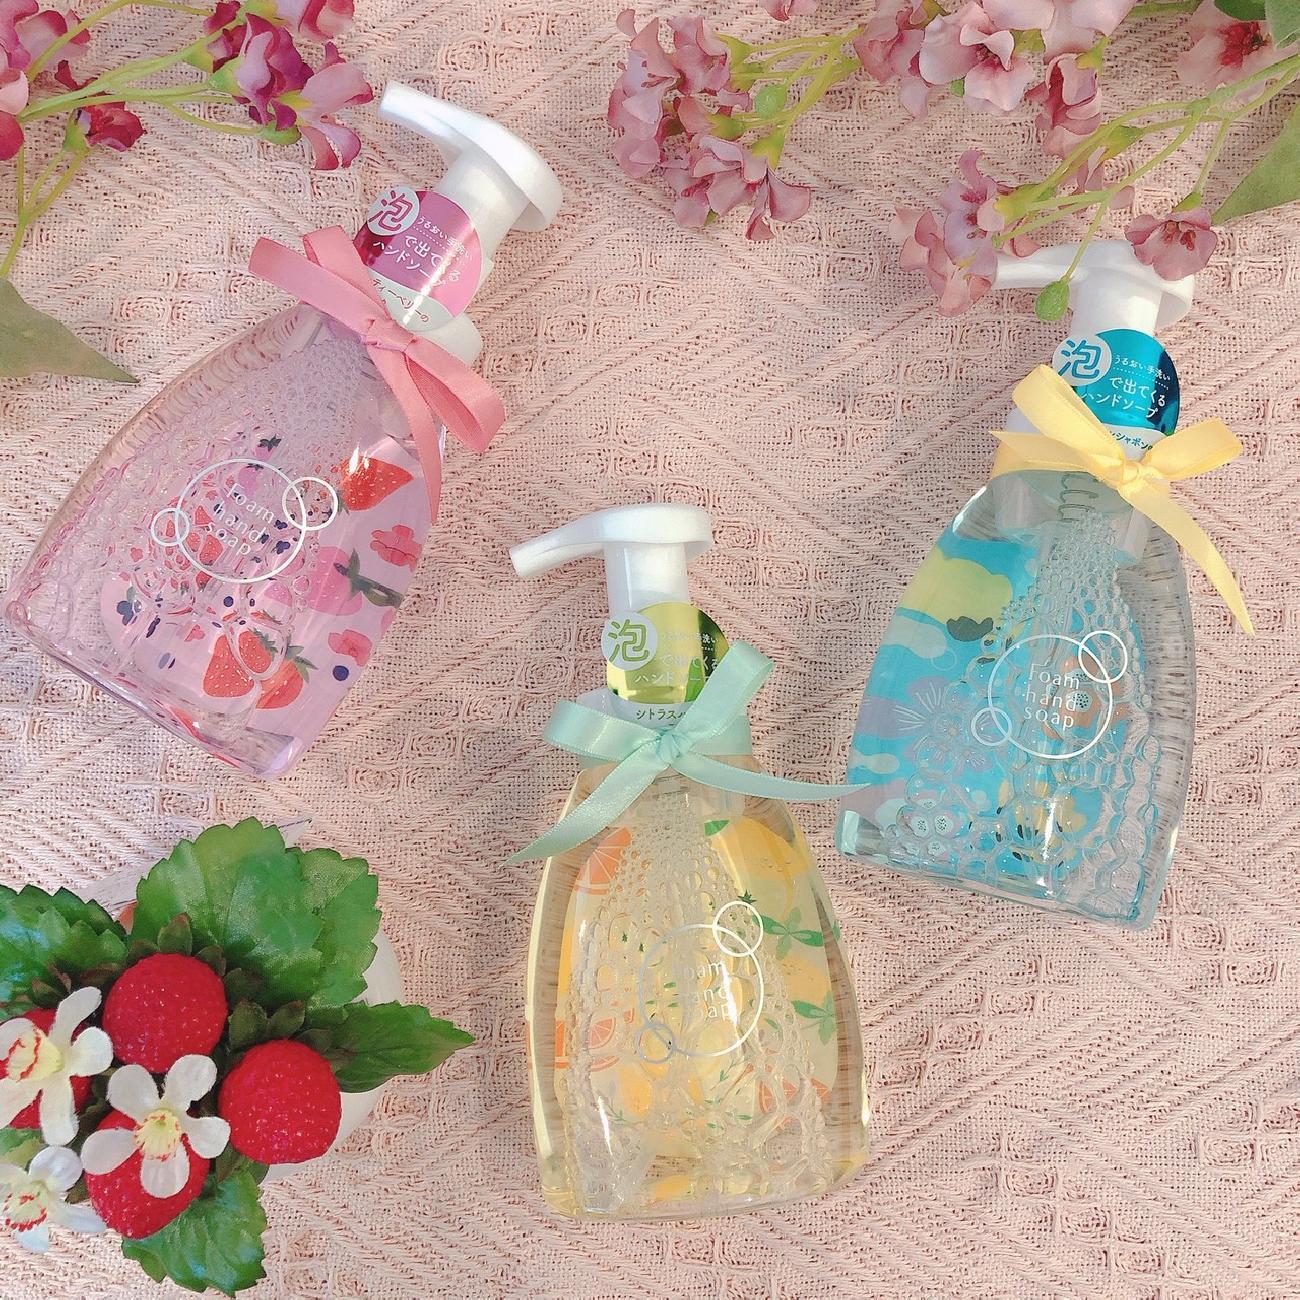 ハンドソープ/泡/手洗い/必需品/いい香り/香り好き/大人可愛い/可愛い